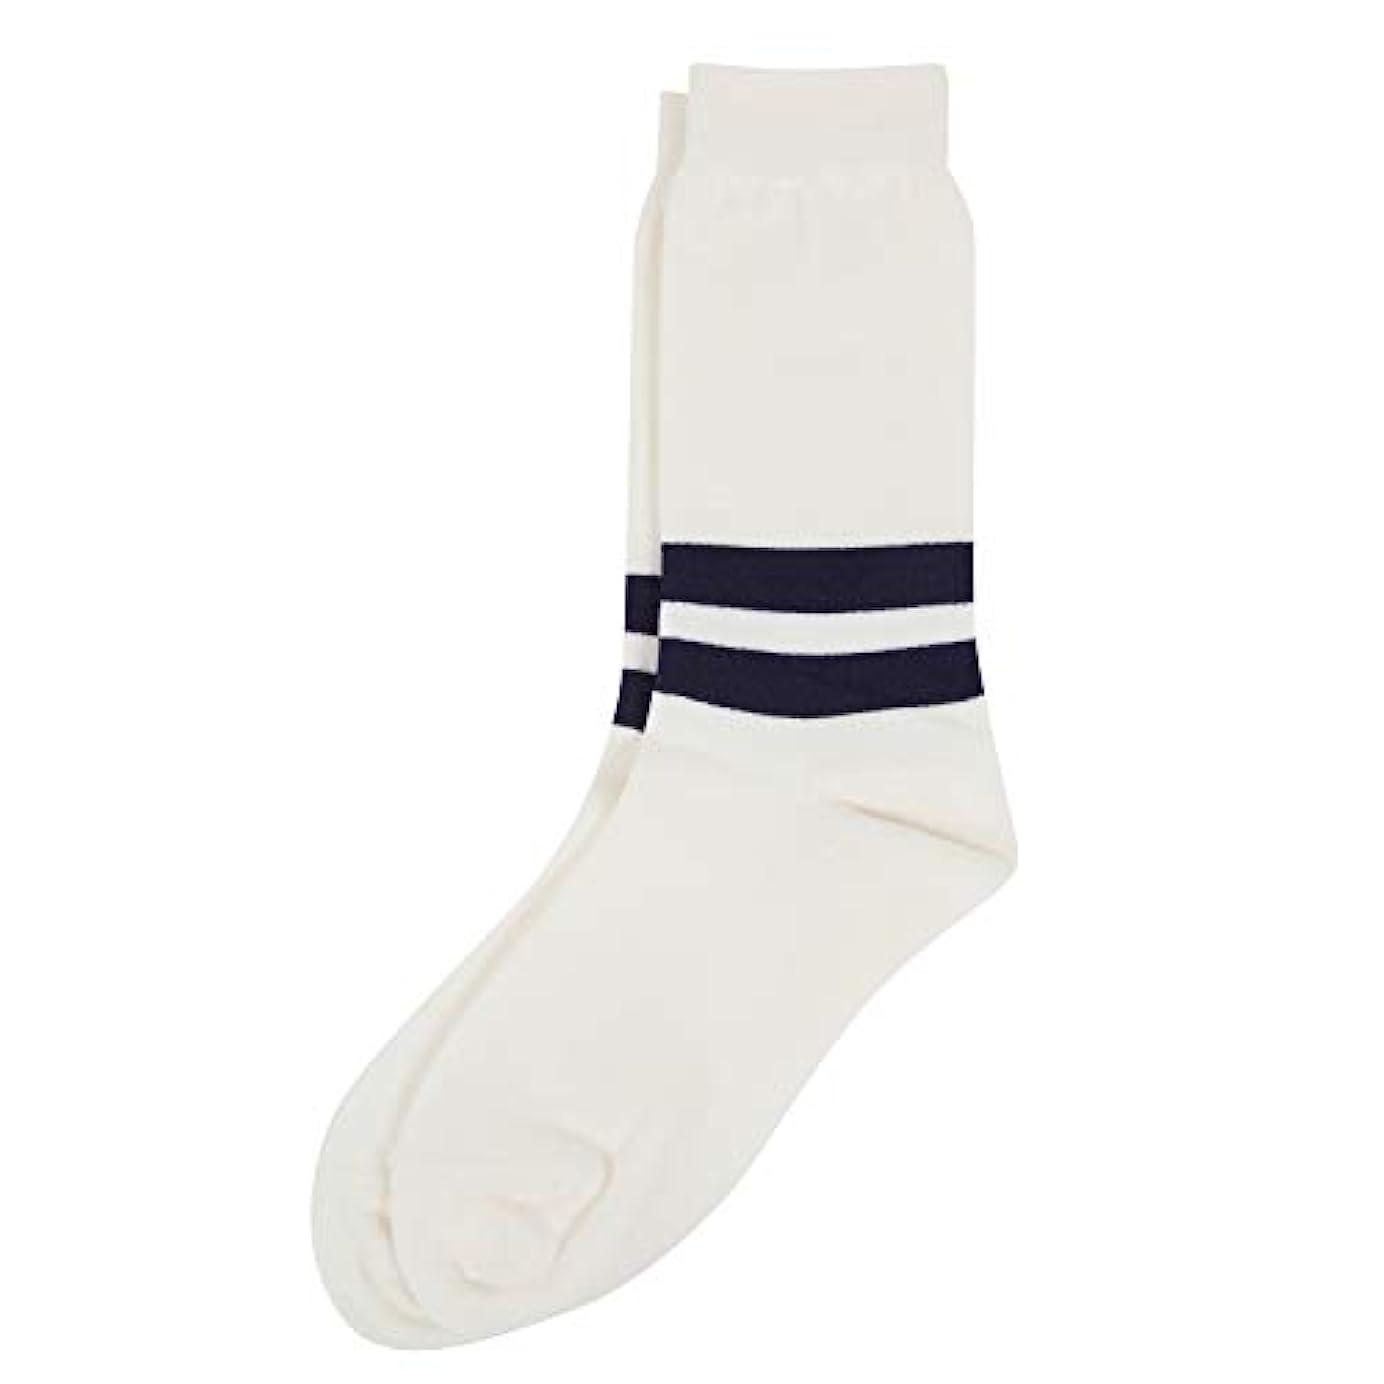 落胆した置くためにパックできればDeol(デオル) ラインソックス 男性用 メンズ [足のニオイ対策] 長期間持続 日本製 無地 靴下 白 25cm-27cm